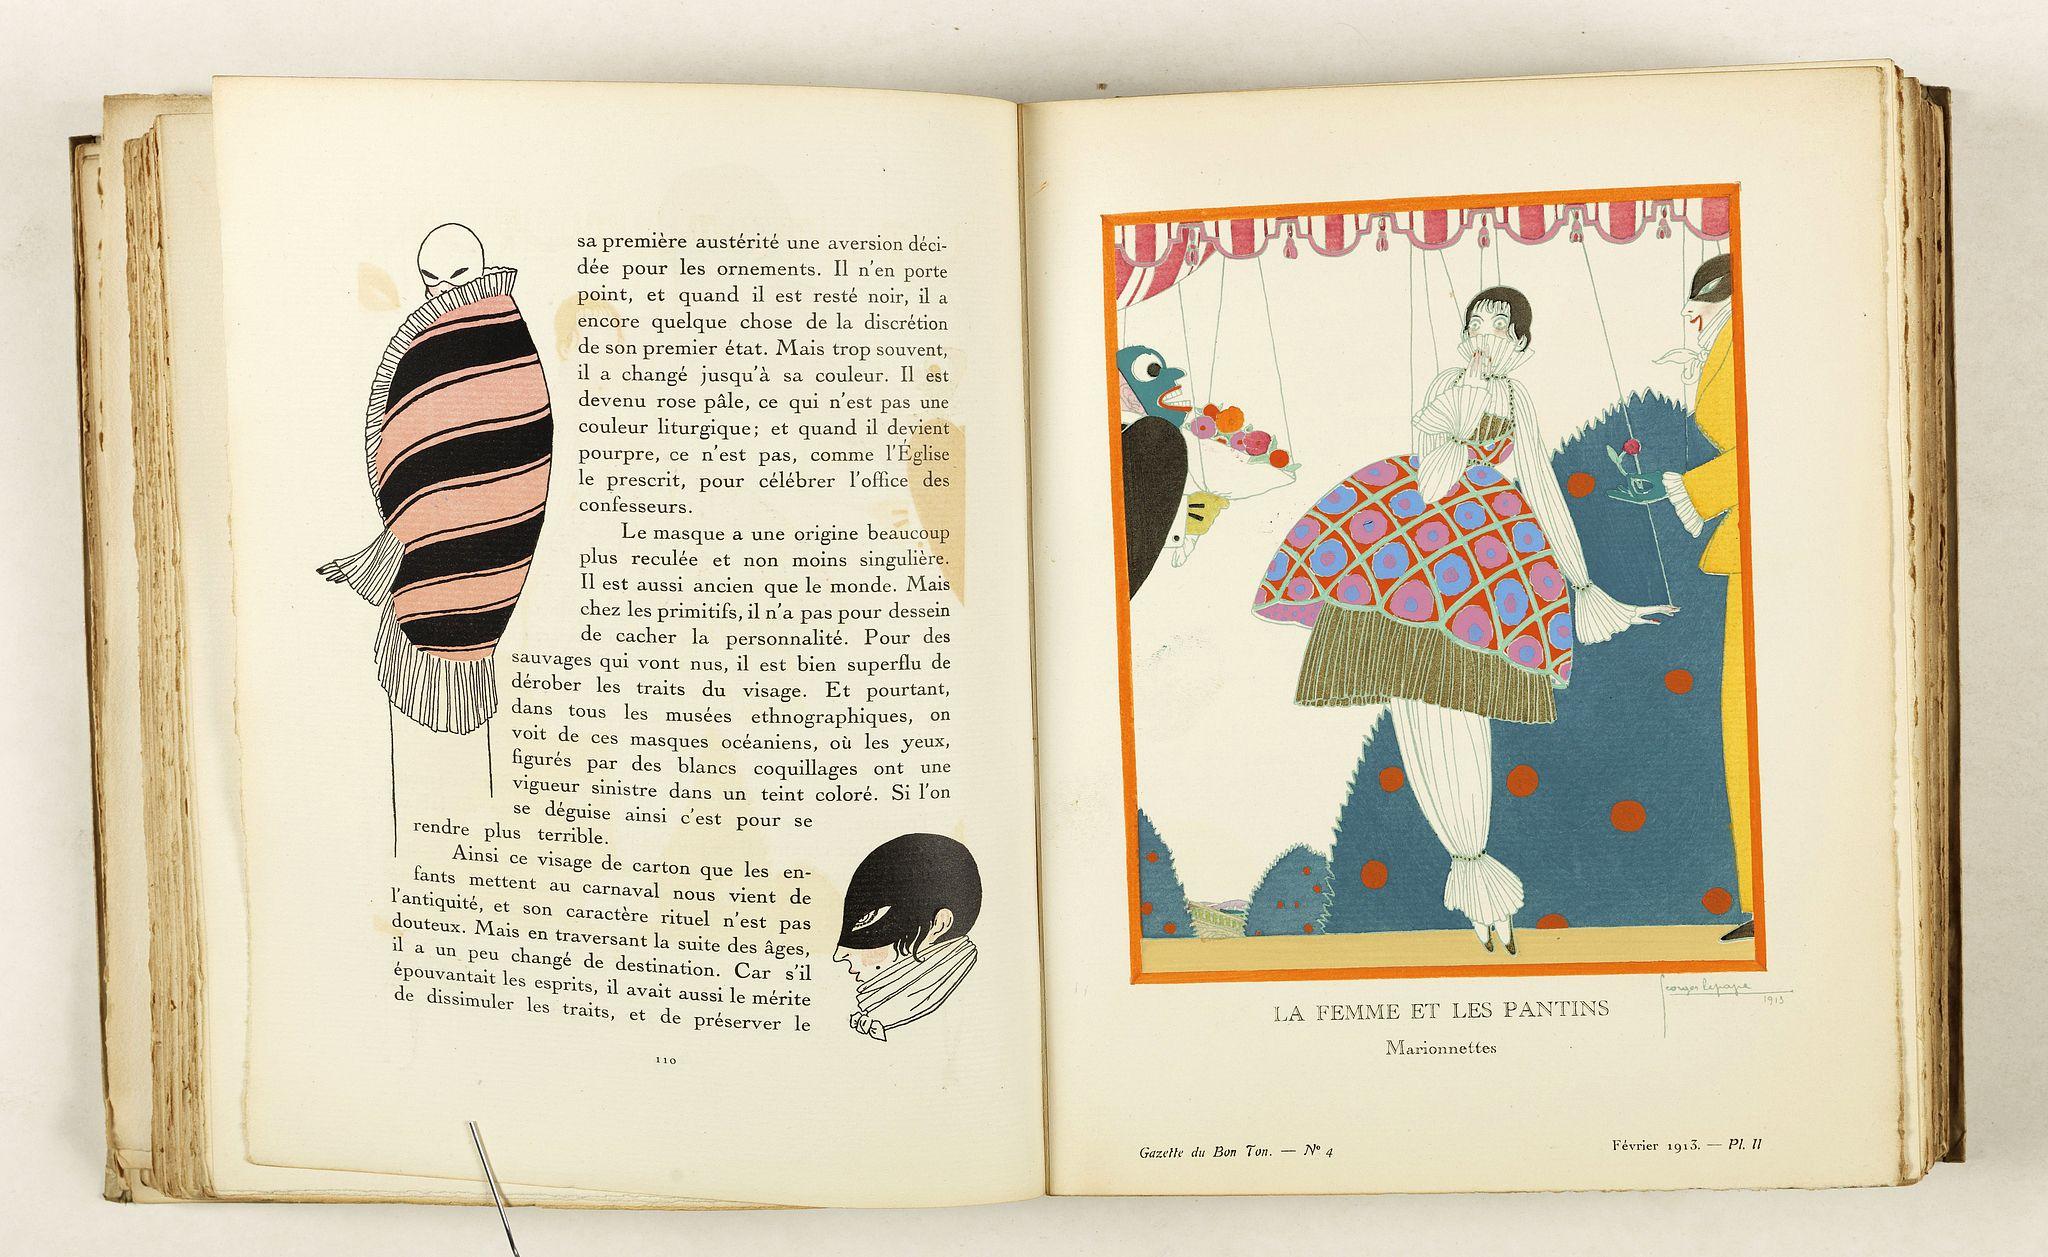 LEVY, E. / VOGEL, L. -  Gazette du Bon Ton  Art - Modes Frivolités. (1912/1913 volume)